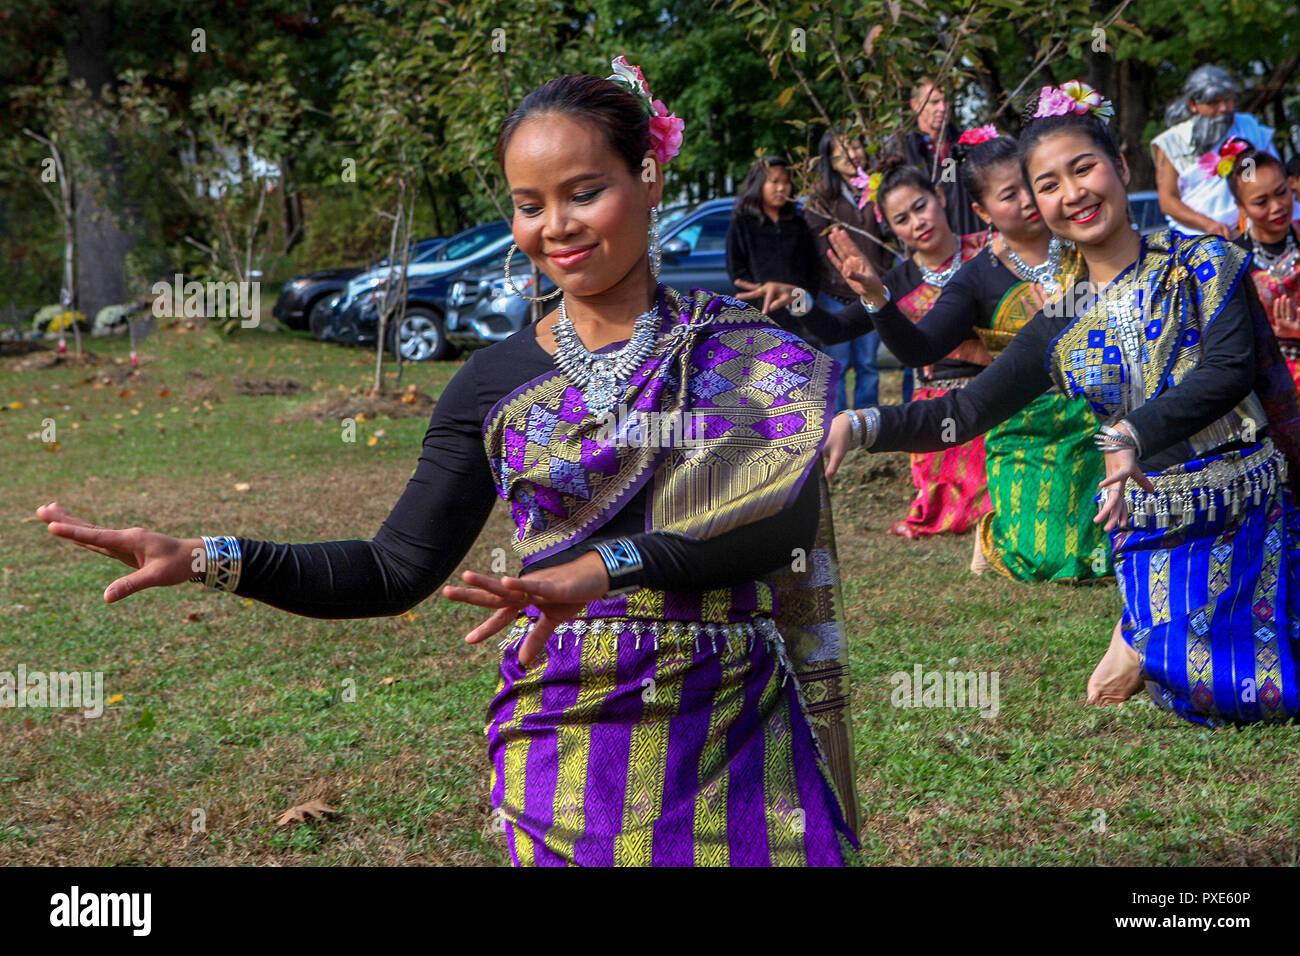 Bedford, MA, USA - 21 Oct 2018: Thai bailarines Apsara realiza en el final de la cuaresma celebración anual celebrado en el templo de Wat Boston Vararam Buda, un templo Budista Theravada Tailandés. Imagen De Stock